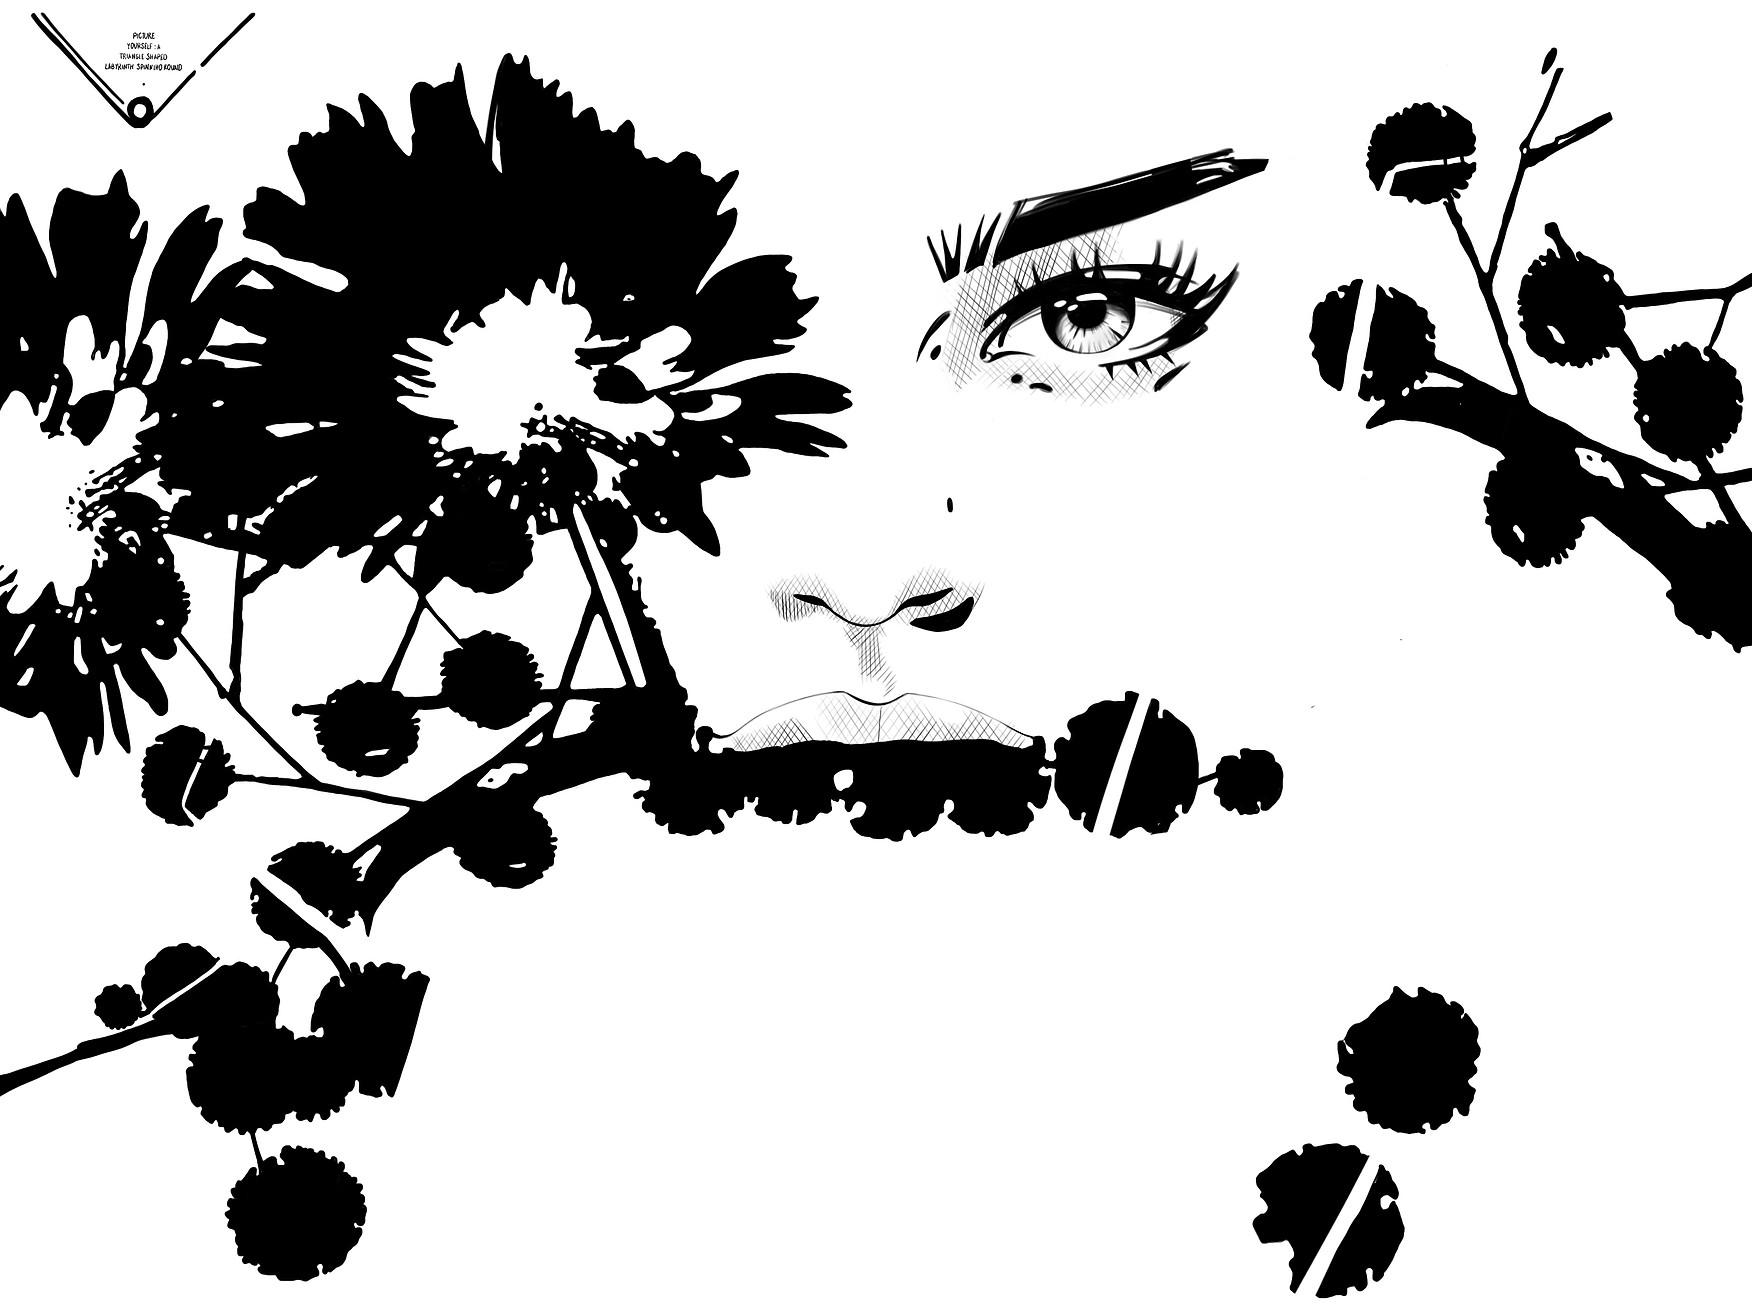 digital+fashion_illustration+zhenya+z+20